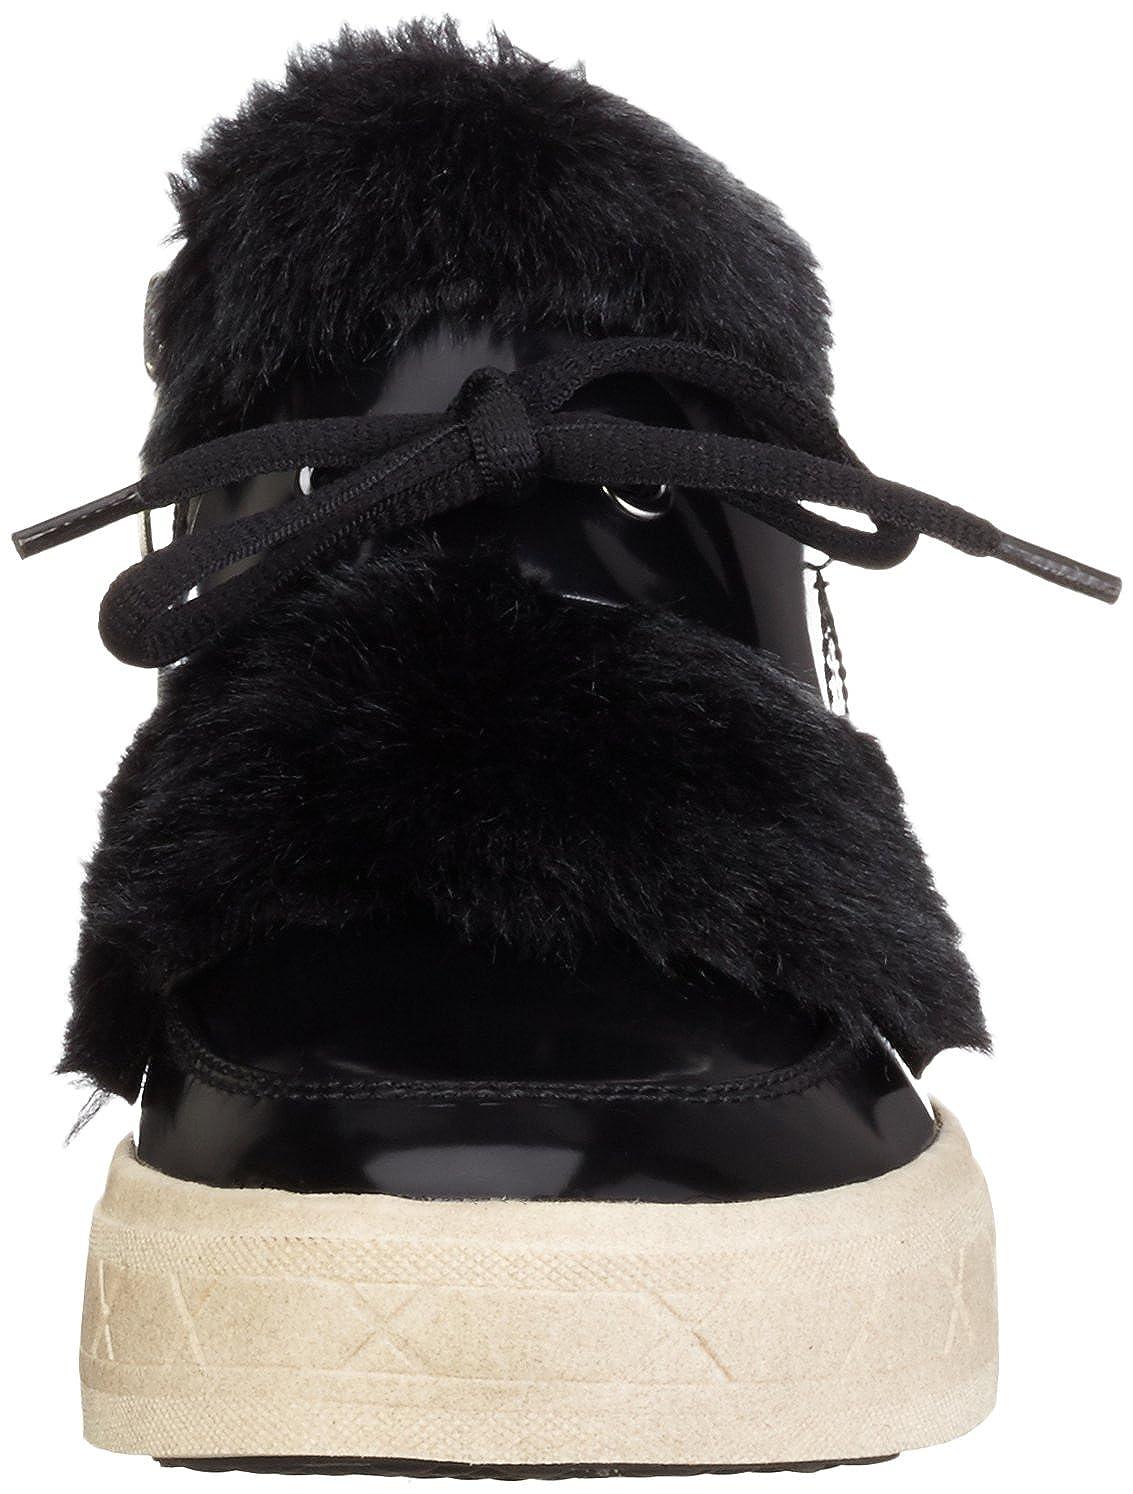 Tamaris Women's 25058 Hi Top Sneakers, Black, 3 UK